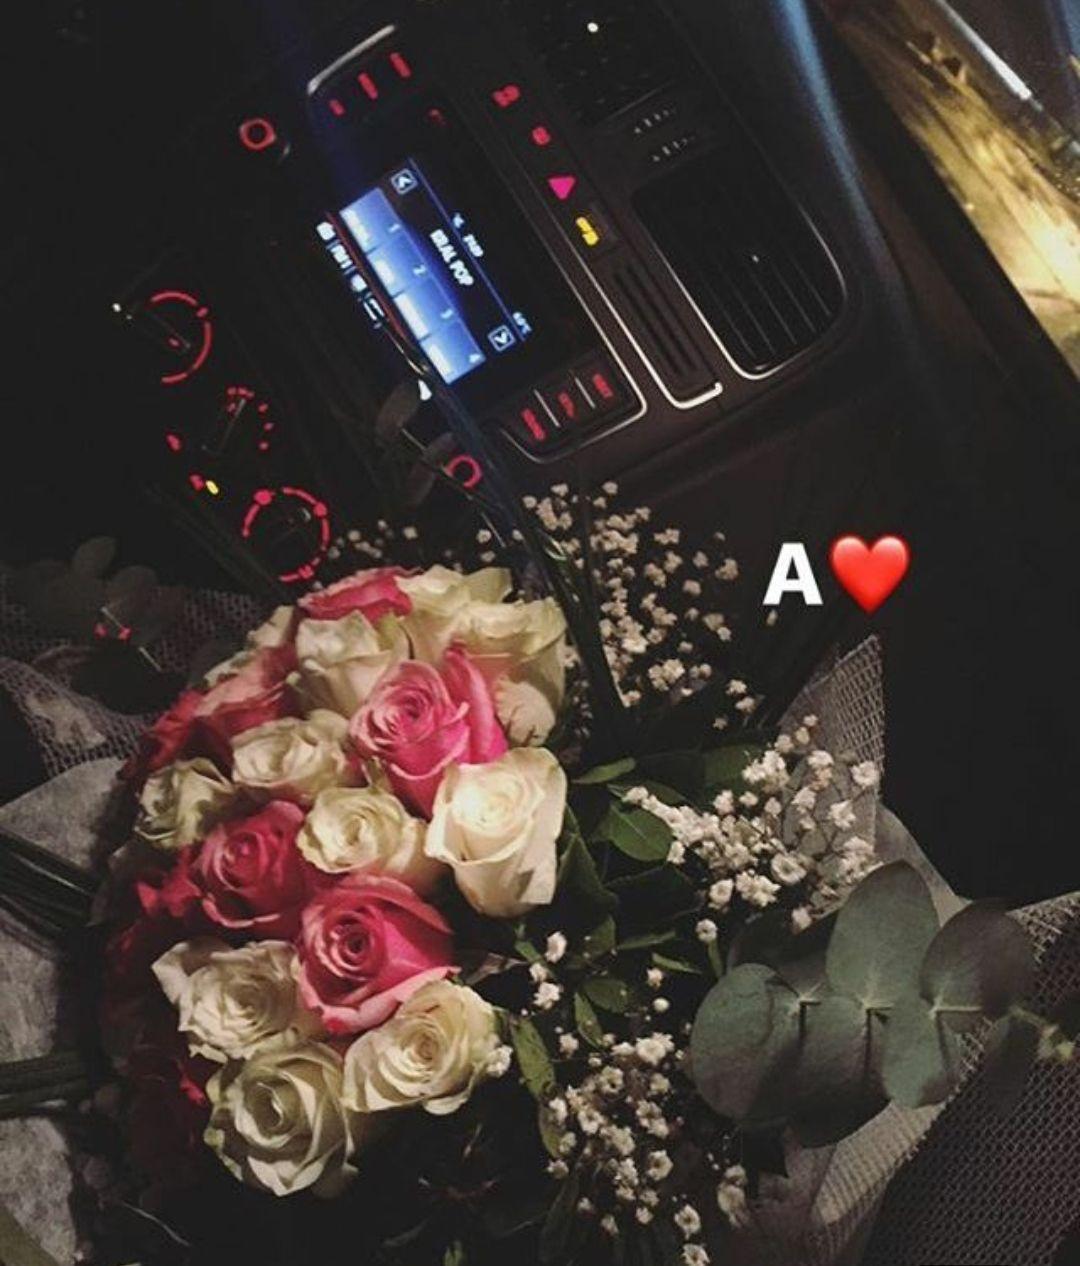 Mutlu Olmak Icin Sebep Arama Yanimda Sen Varsin Soyut Cicek Resimleri Sevgililer Romantik Fikirler